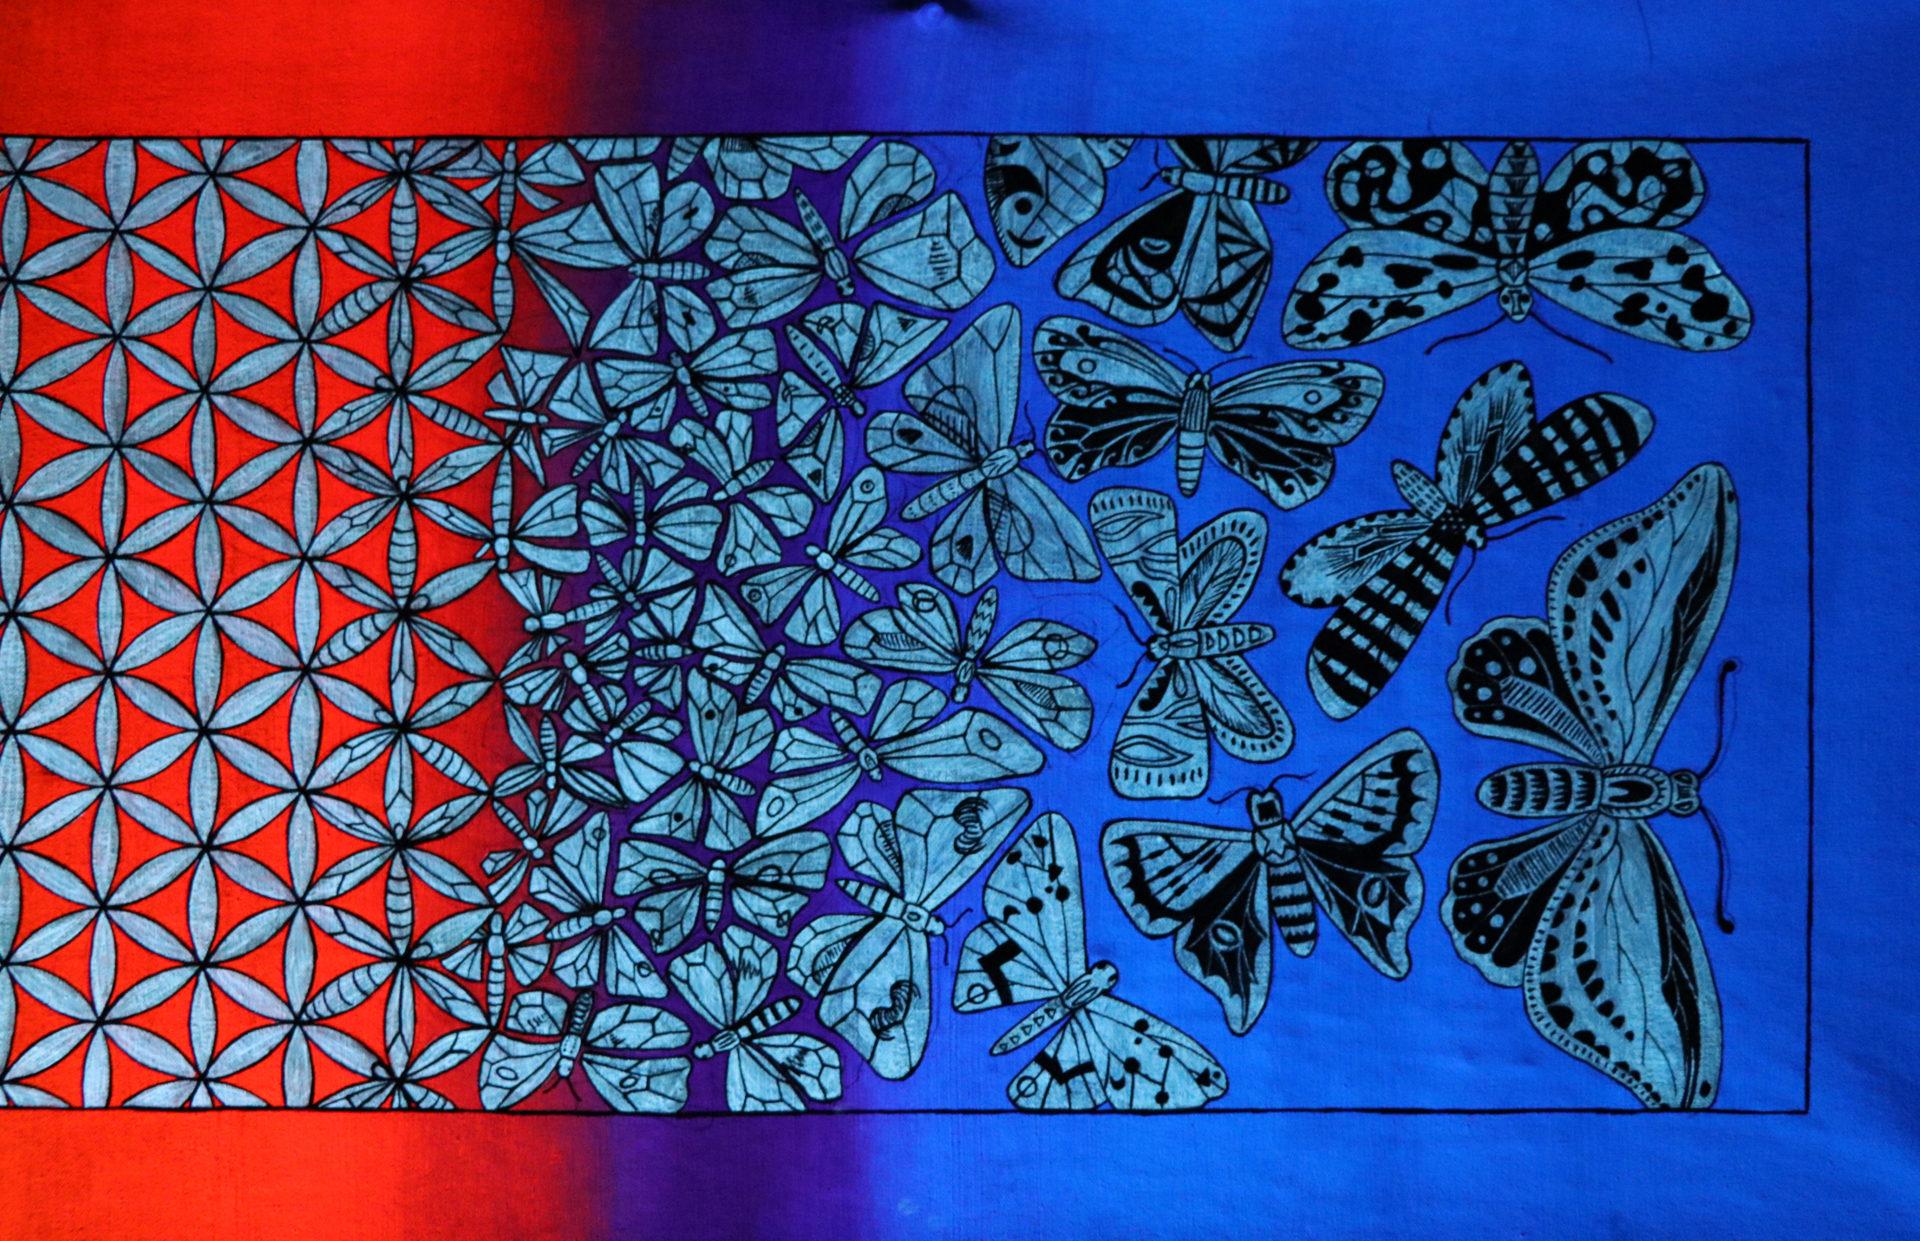 Homage to Escher